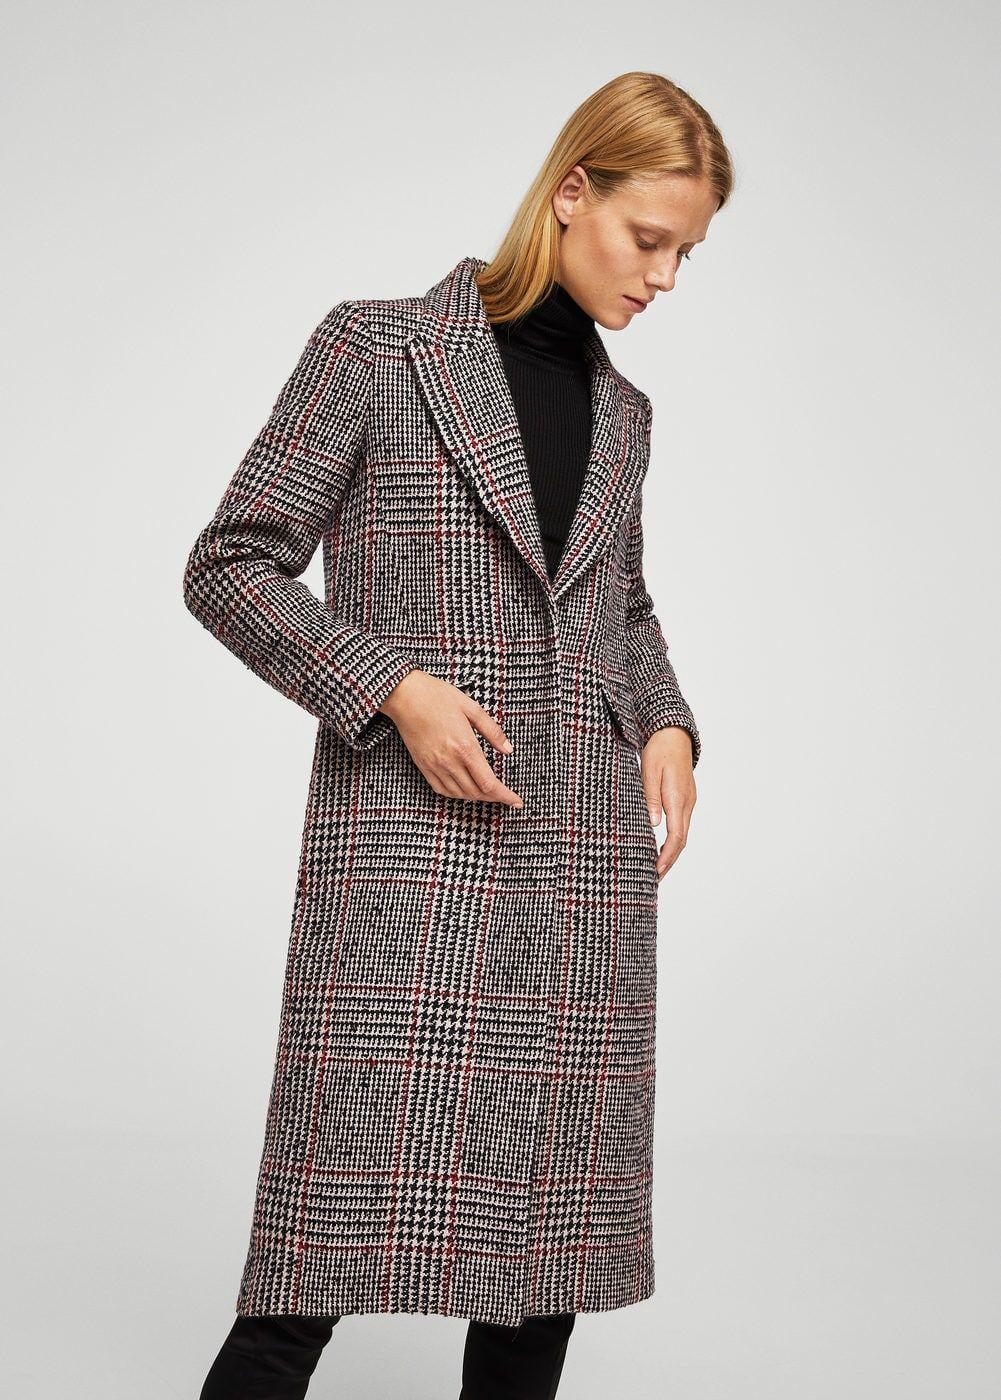 manteau carreaux en laine mango france manteau et patrons de robe. Black Bedroom Furniture Sets. Home Design Ideas